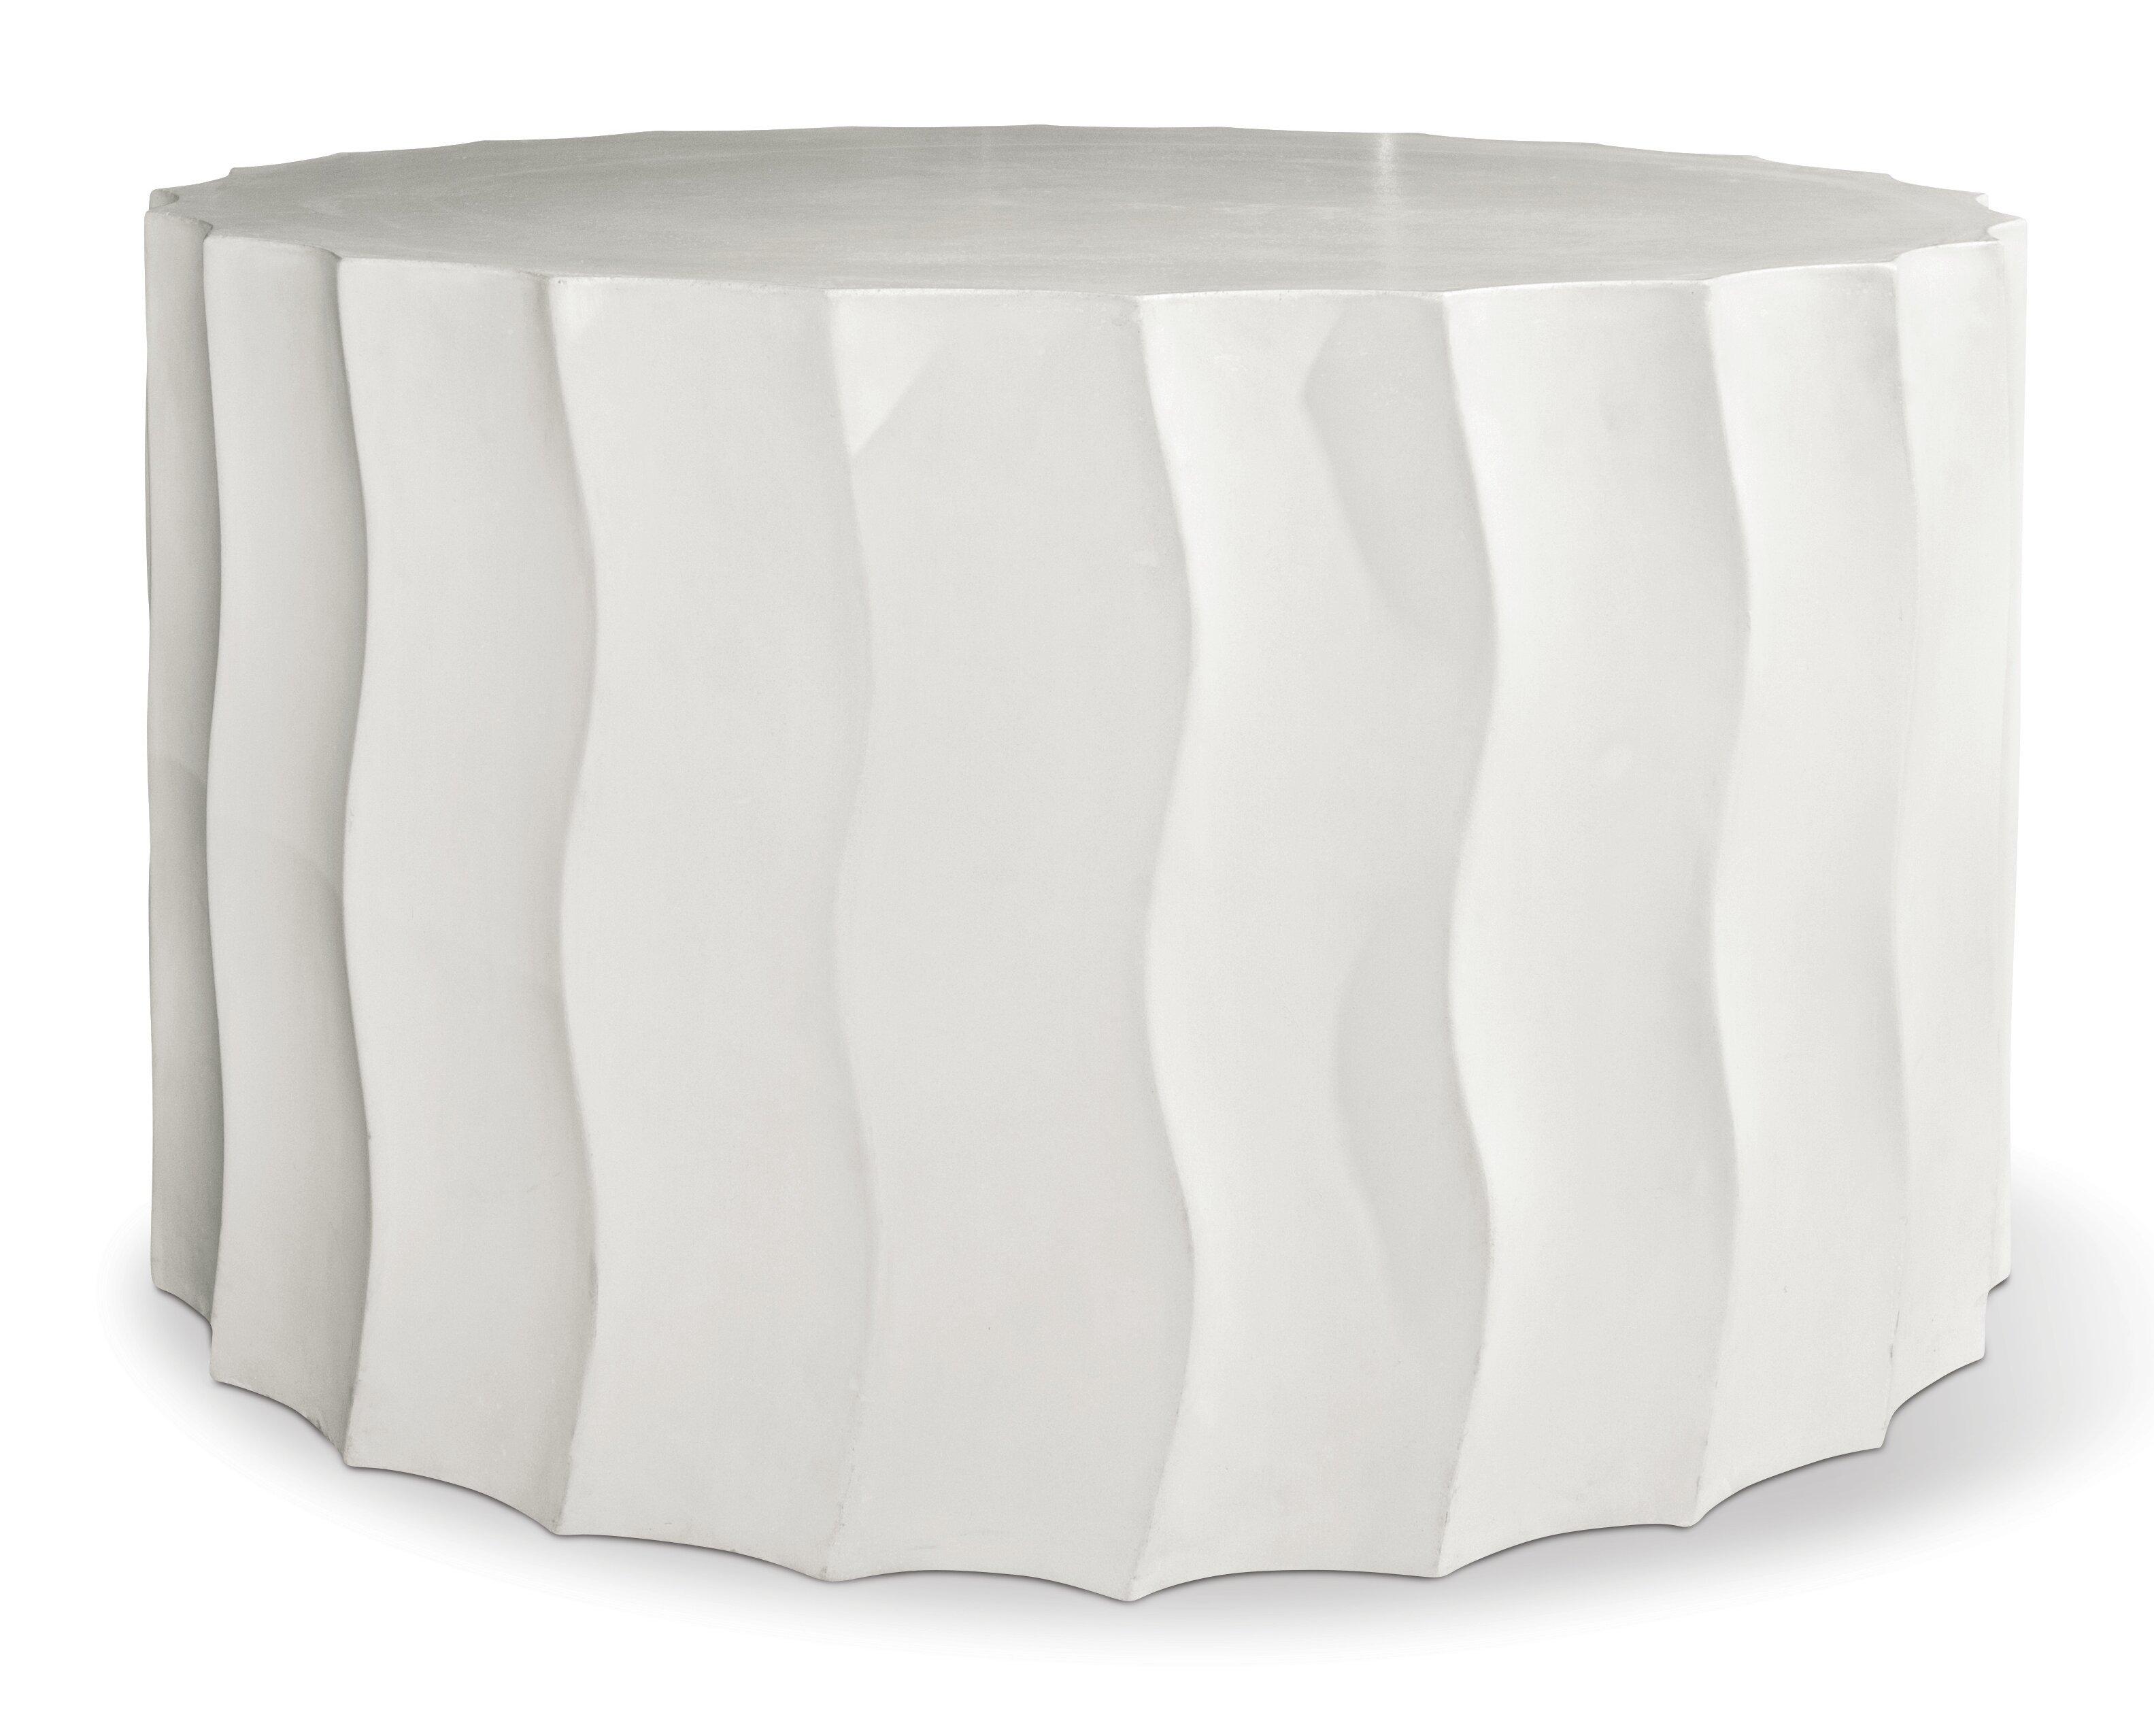 Seasonalliving Perpetual Concrete Side Table Reviews Wayfair